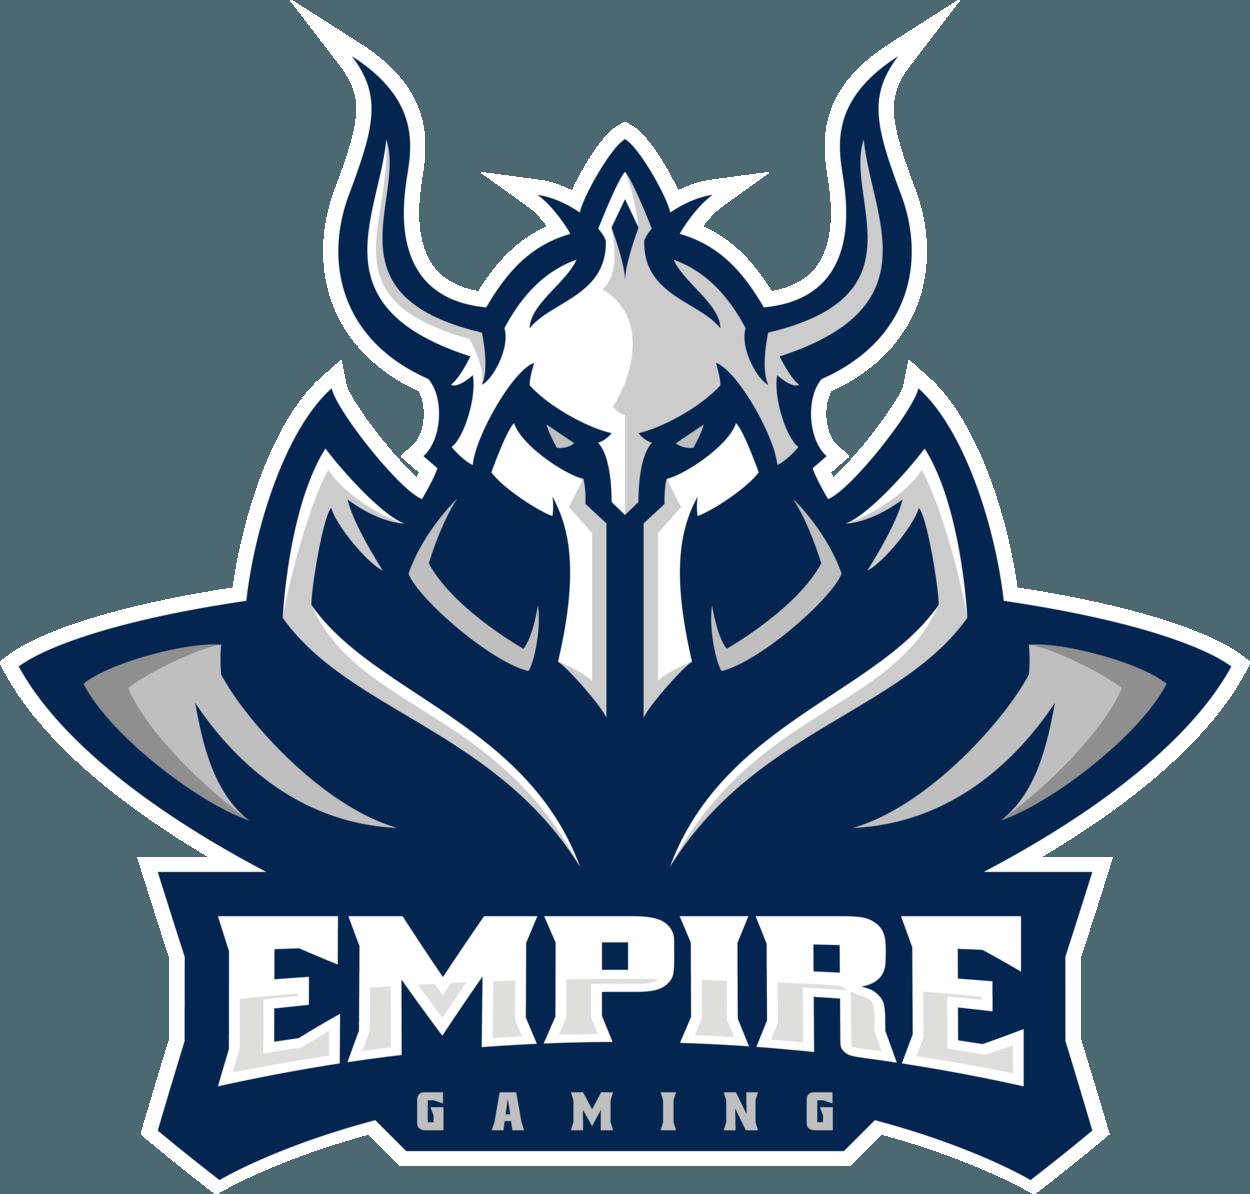 Empire eSports logo